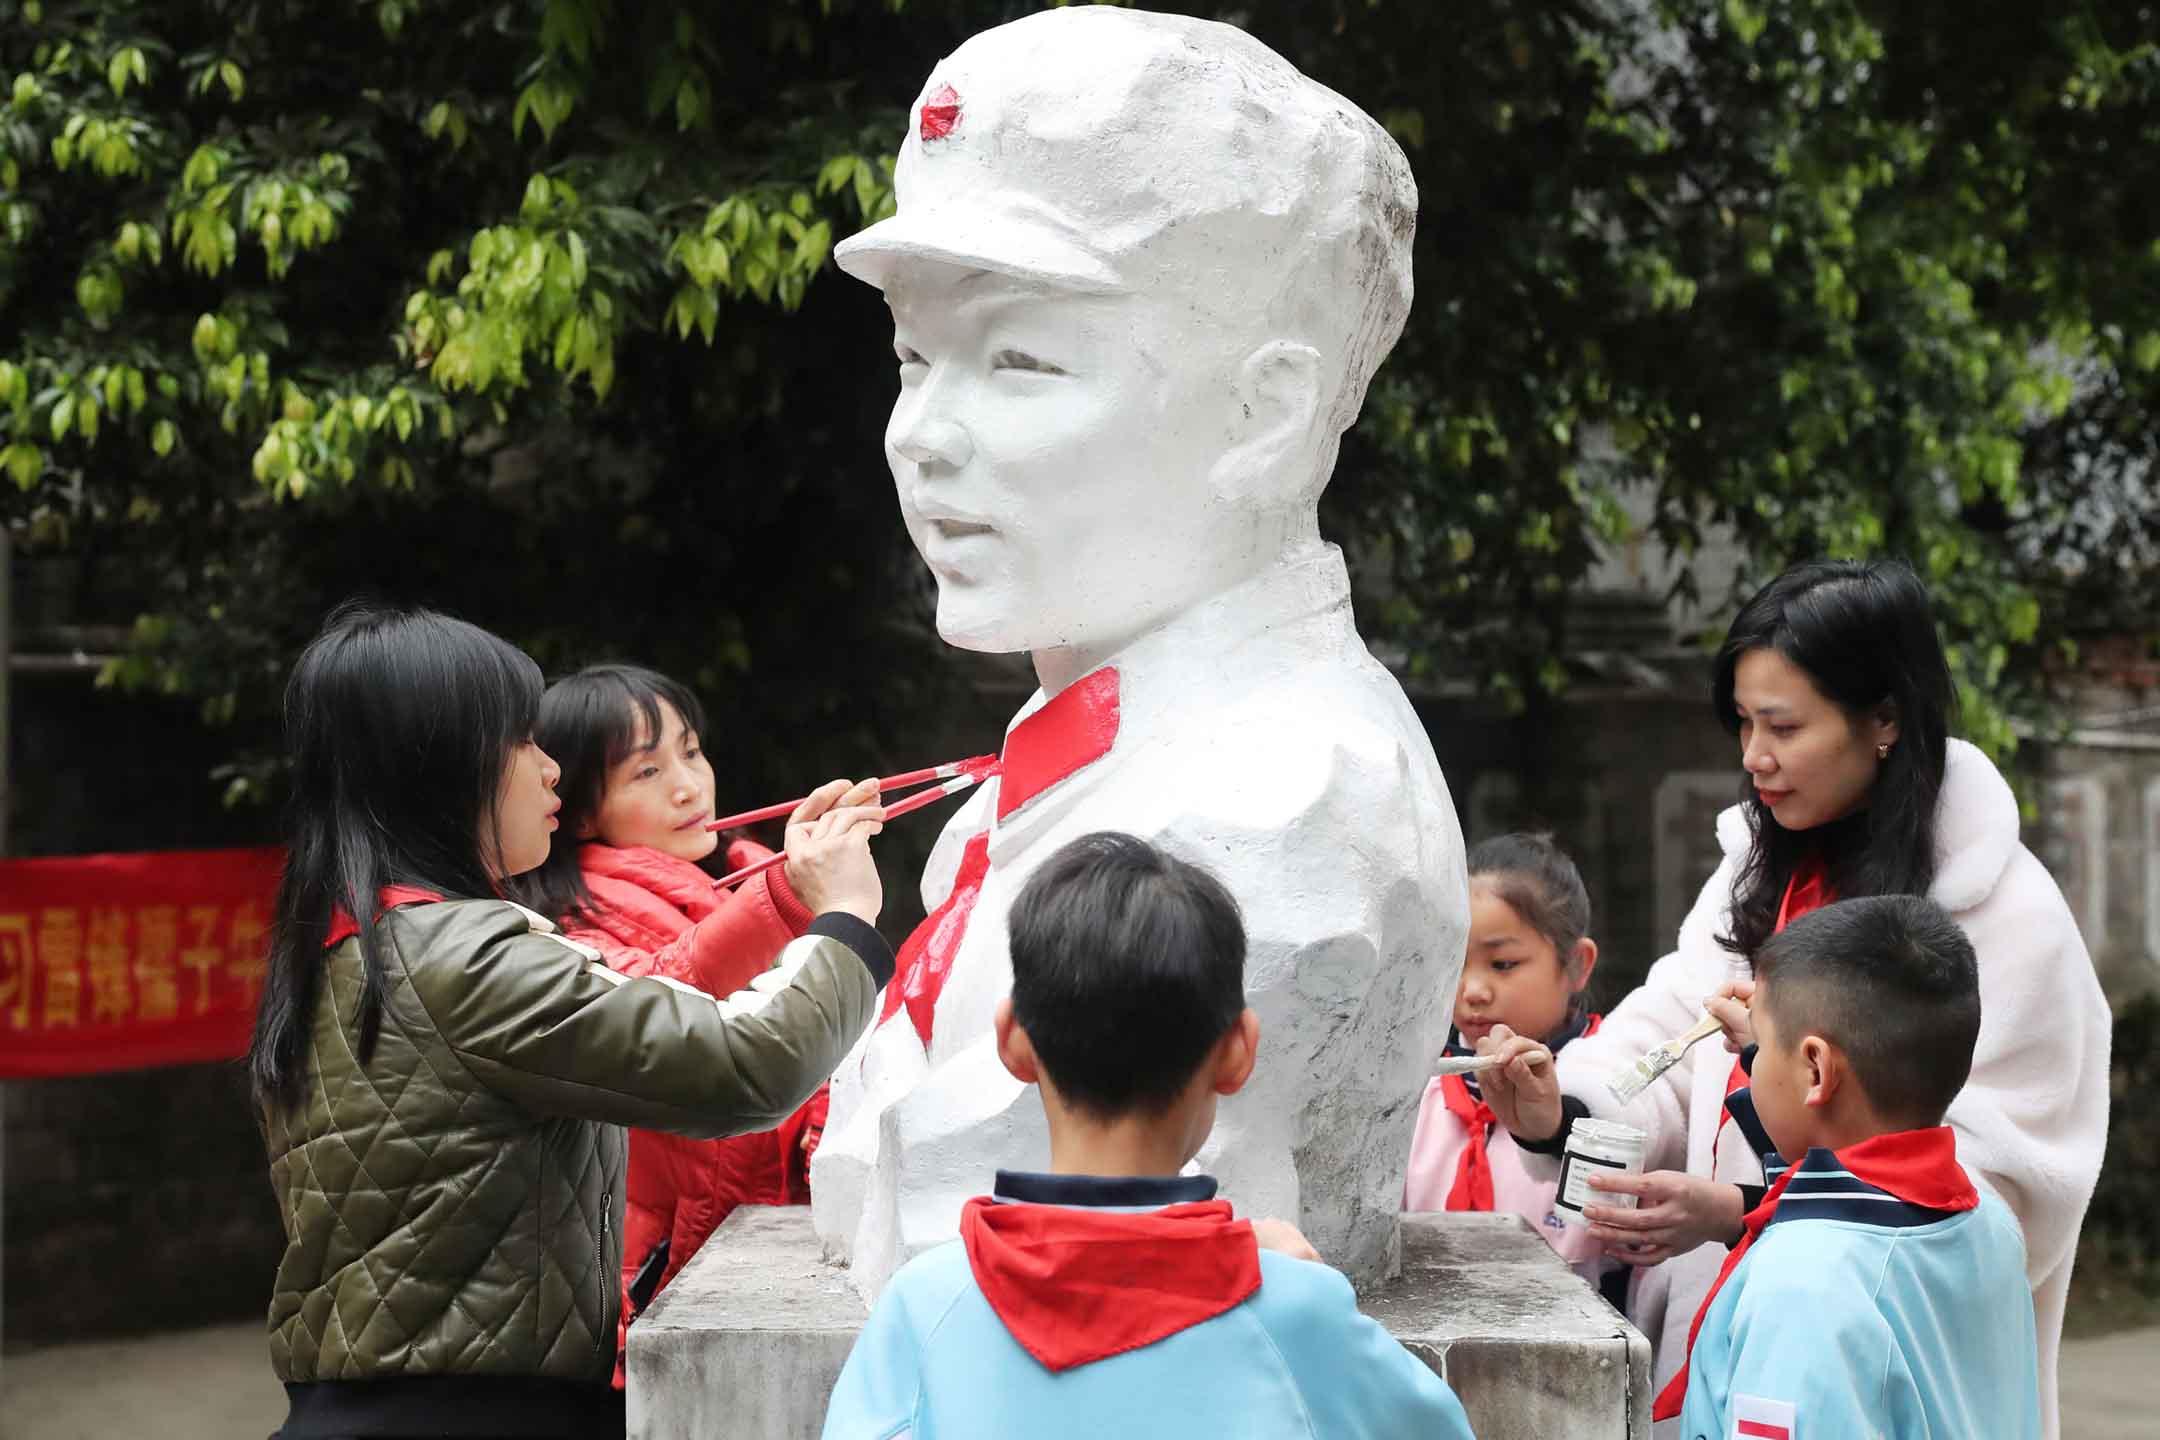 2021年3月2日中國桂林,學生們在「雷鋒日」為雷鋒雕像重新着色。